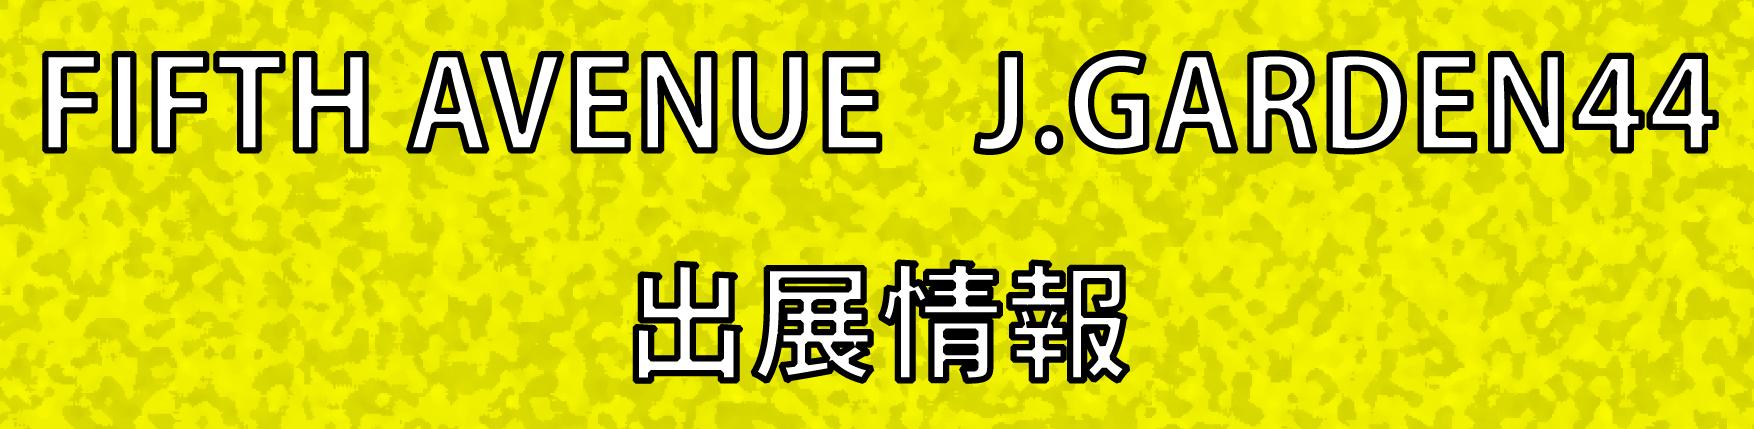 JGARDEN180304-1.jpg